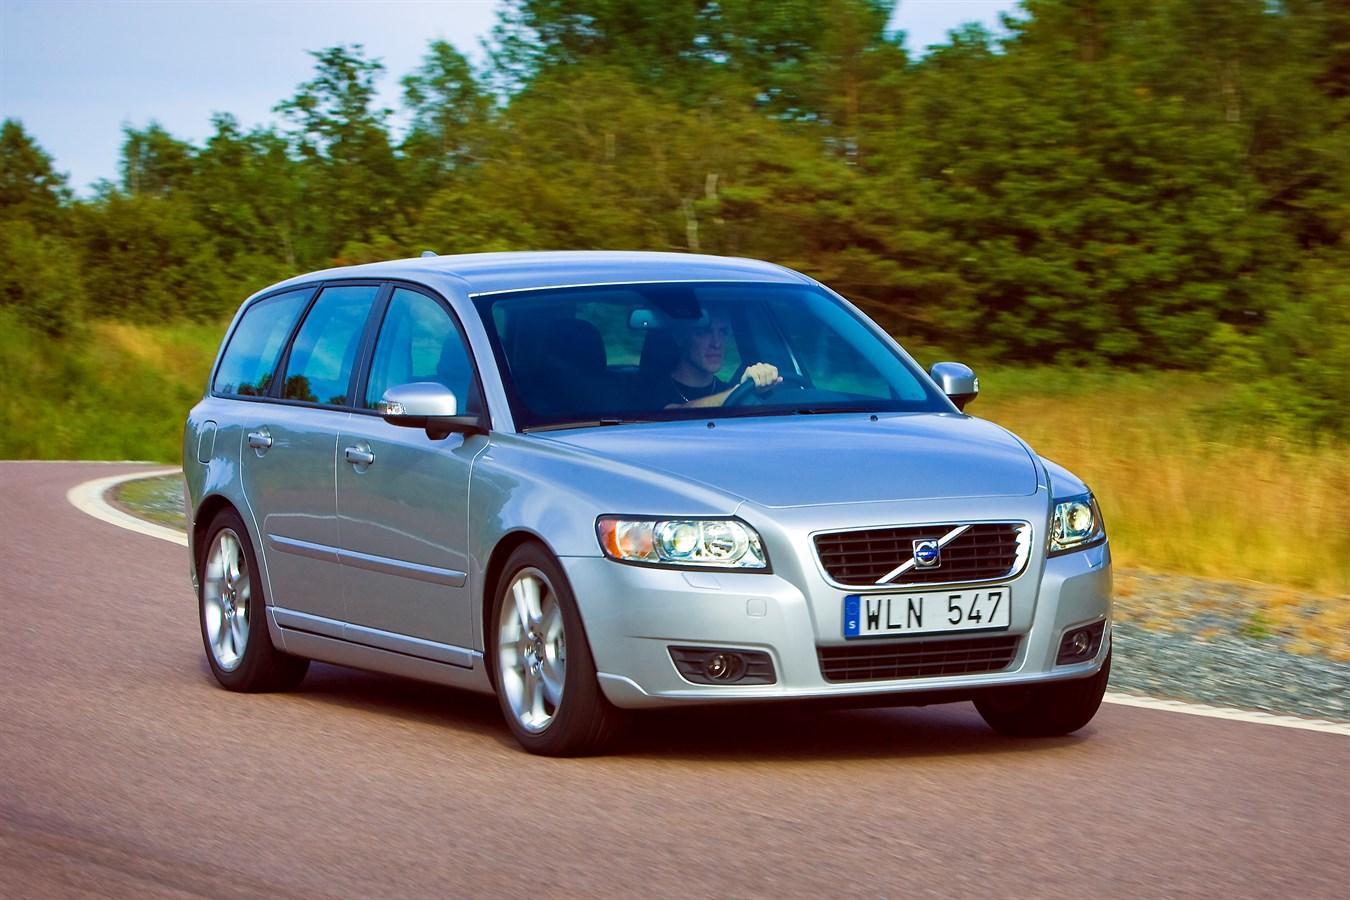 Volvo V50 - model year 2008 - Volvo Car Group Global Media Newsroom